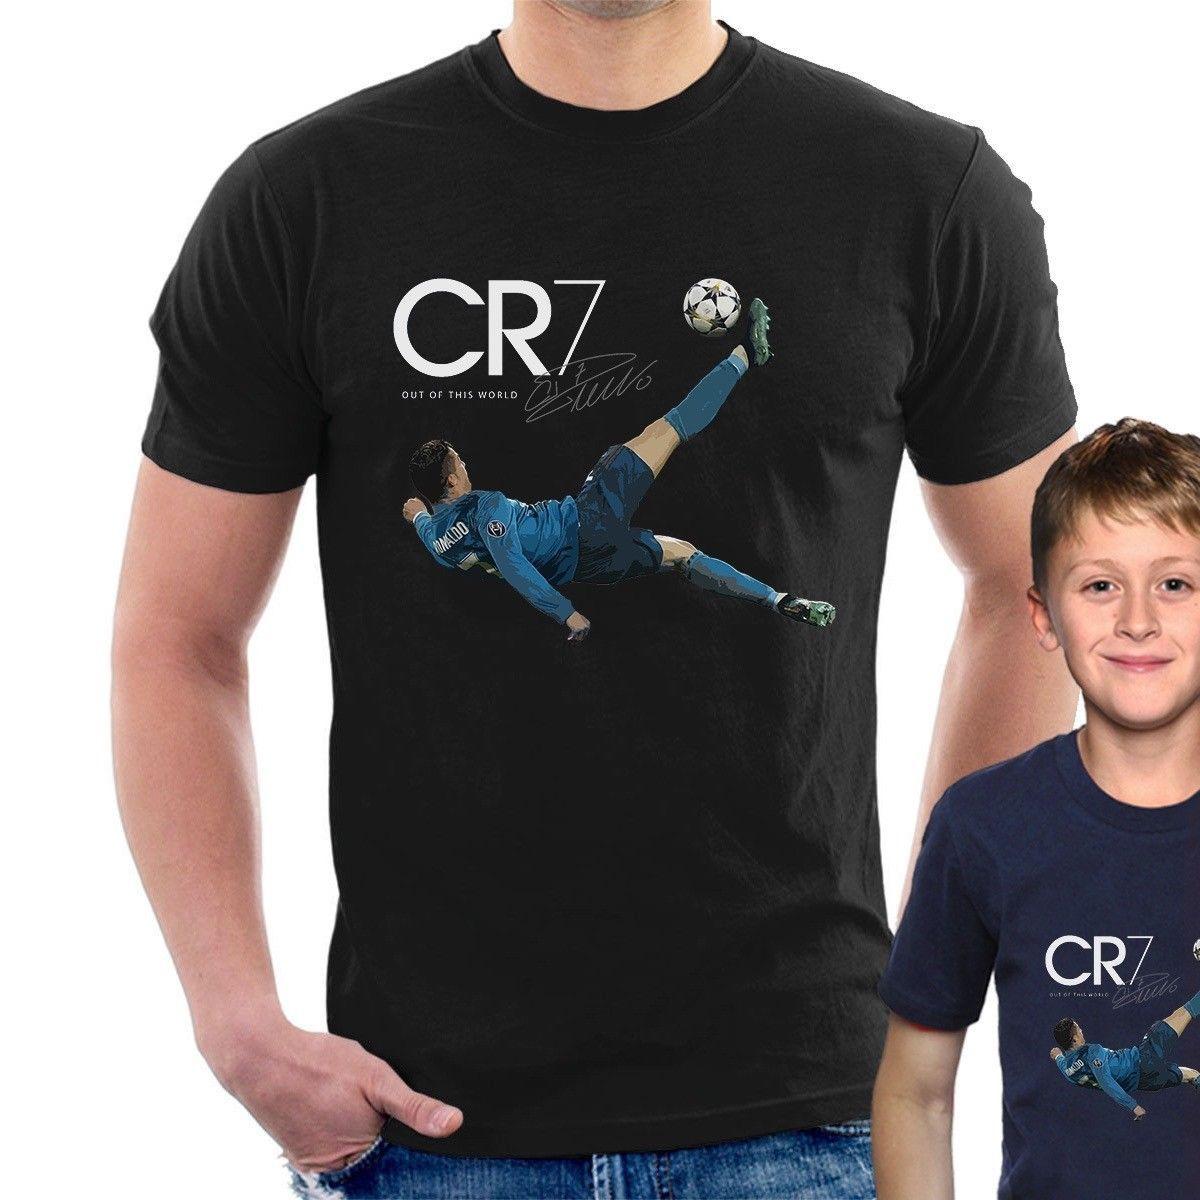 Compre T Shirt Do Objetivo Do Pontapé De Bicicleta Cr7 Cristiano Ronaldo  Adulto Crianças Tamanhos Fresco Casual Orgulho T Shirt Homens Unisex Nova  Moda ... 23a12b0771433